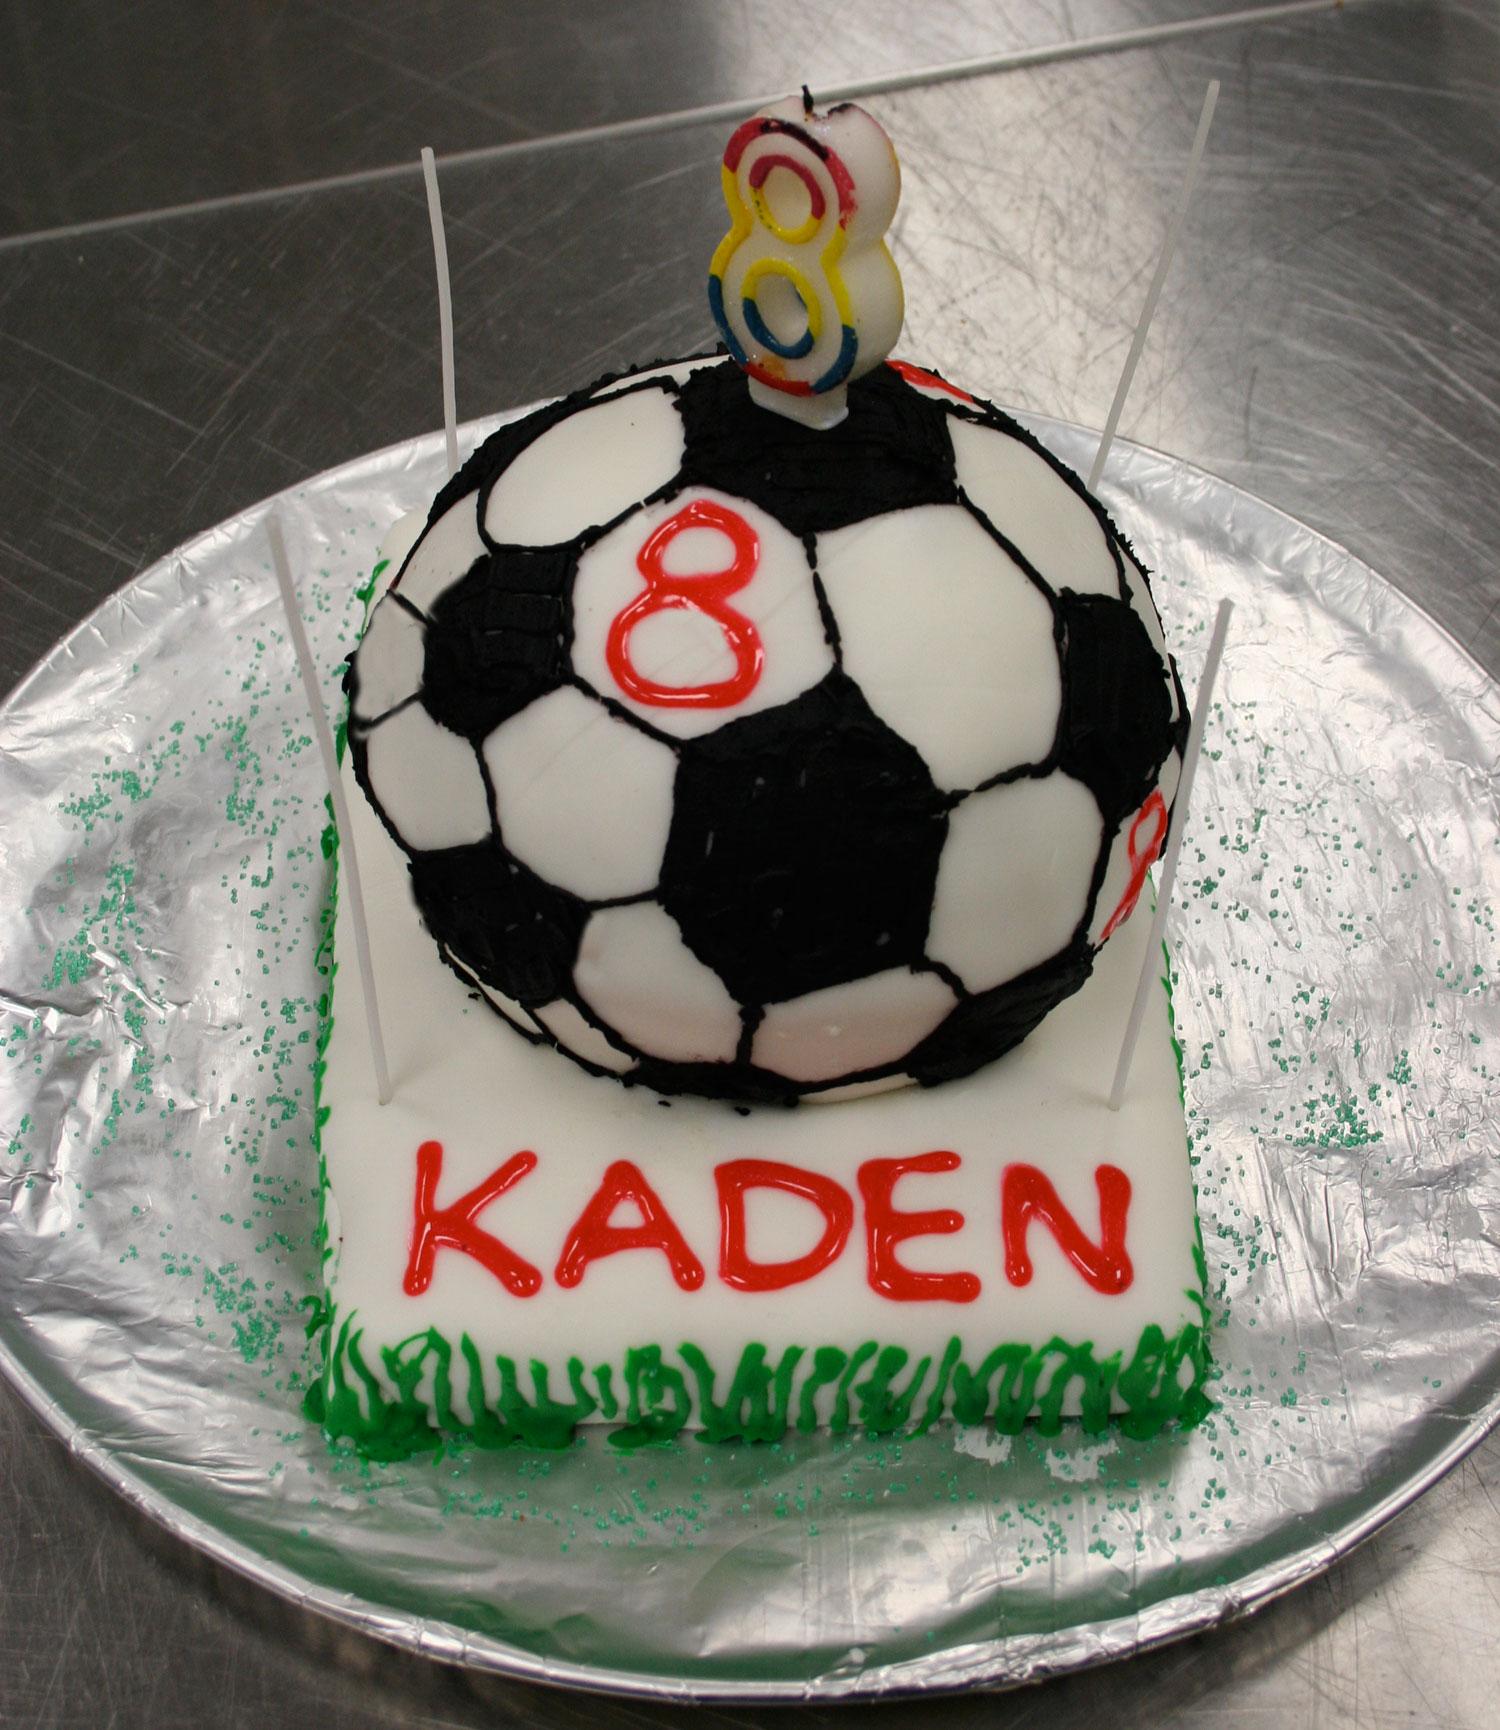 soccerballcake.jpg